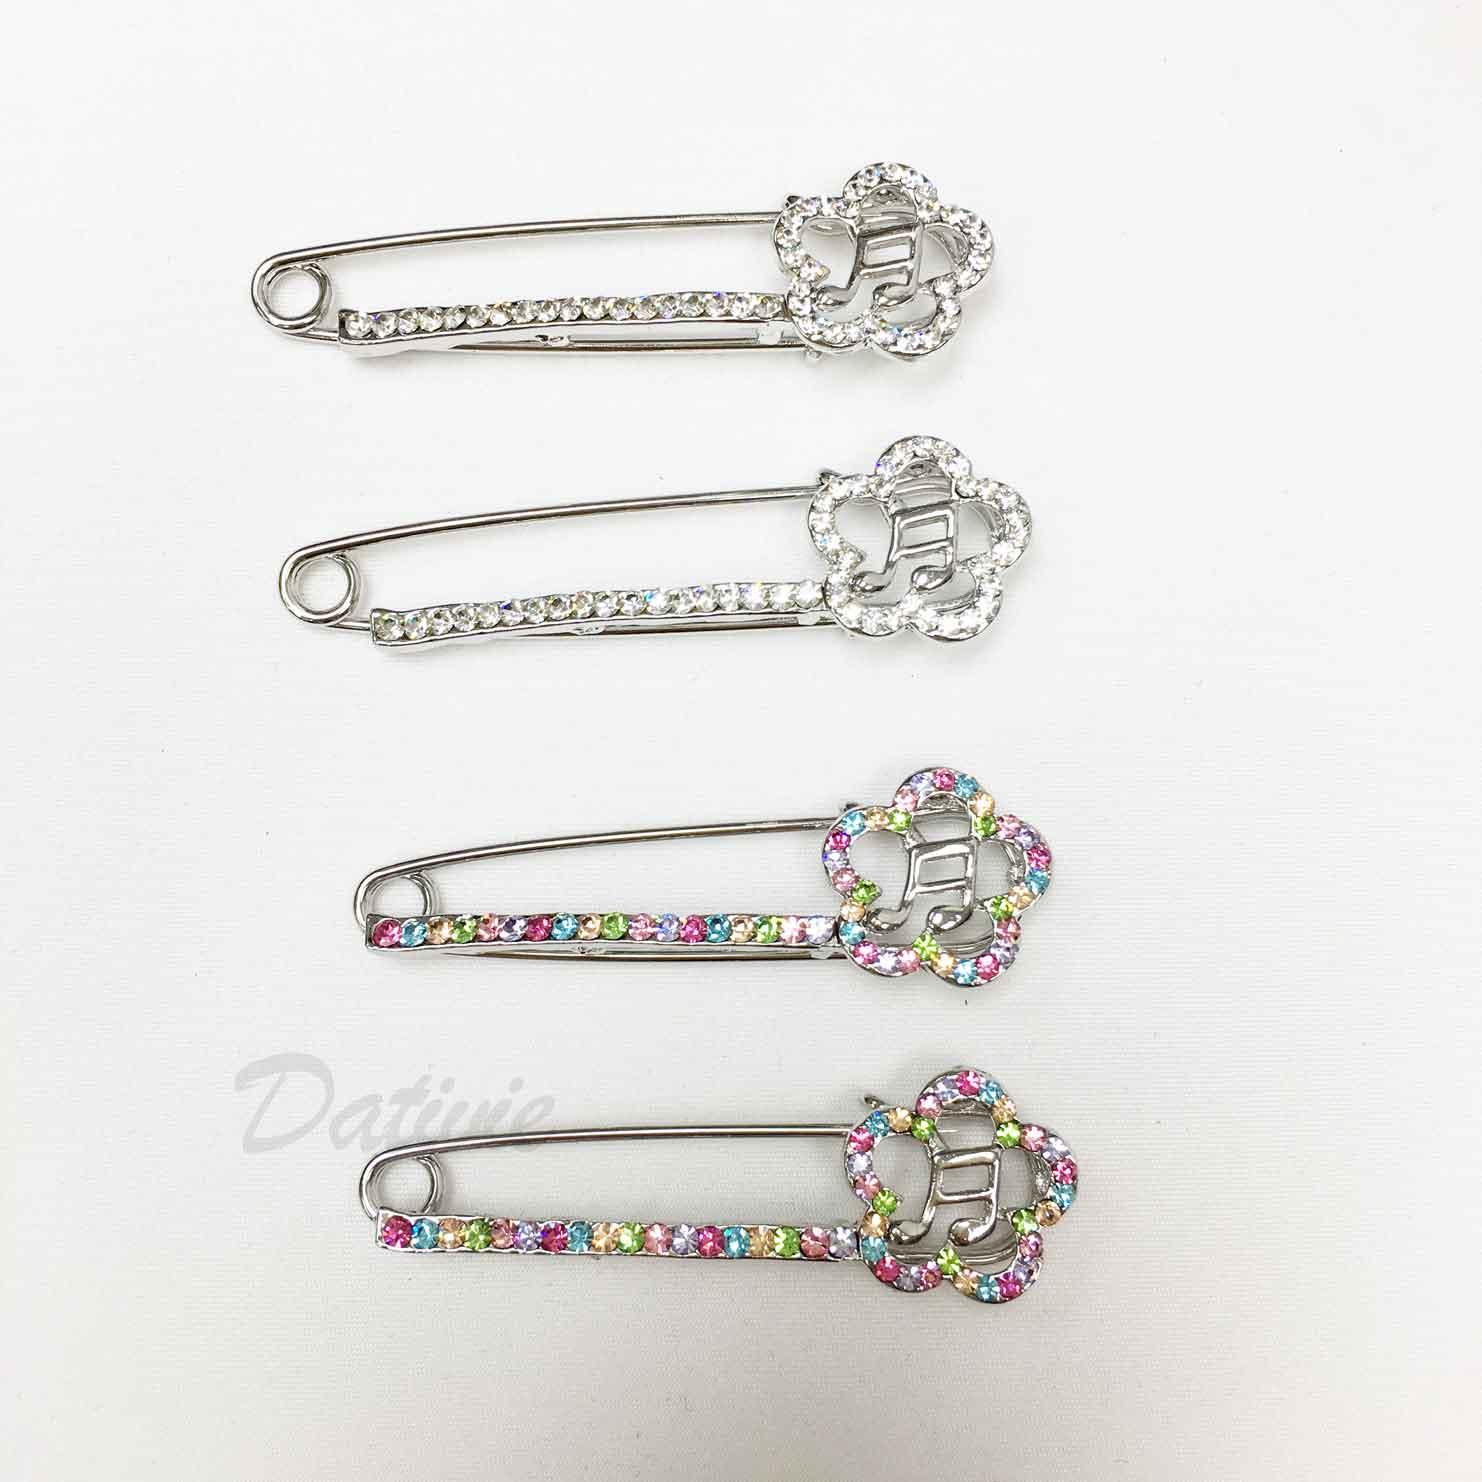 別針造型 花朵 音符 簍空 水鑽 兩色 二入一組 胸針